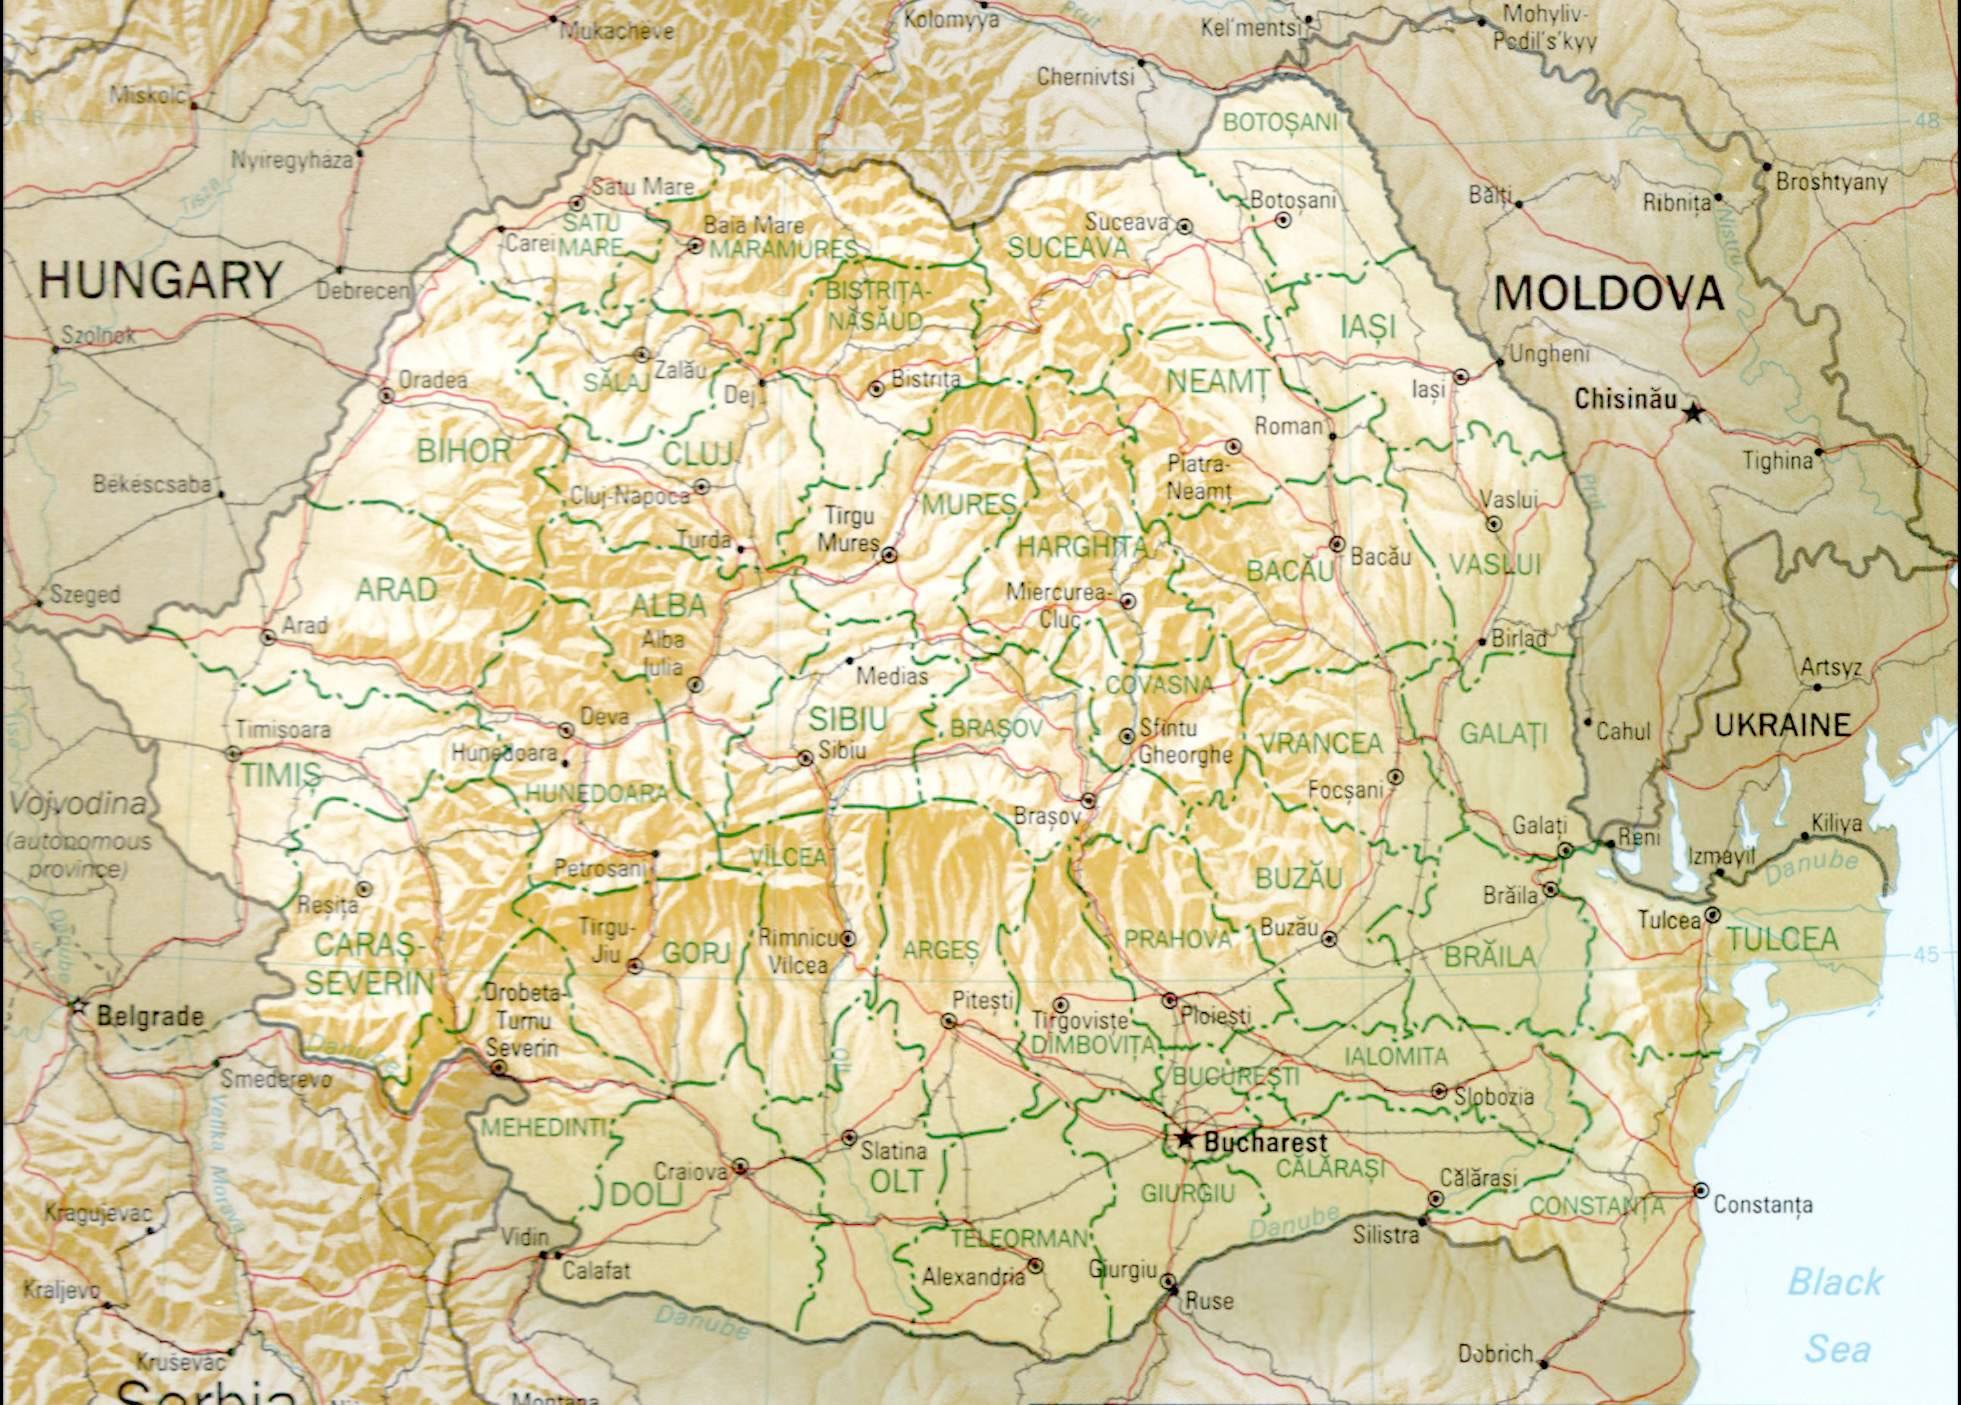 Carte Roumanie Villes.Carte Des Villes Roumanie Carte Des Villes De Roumanie